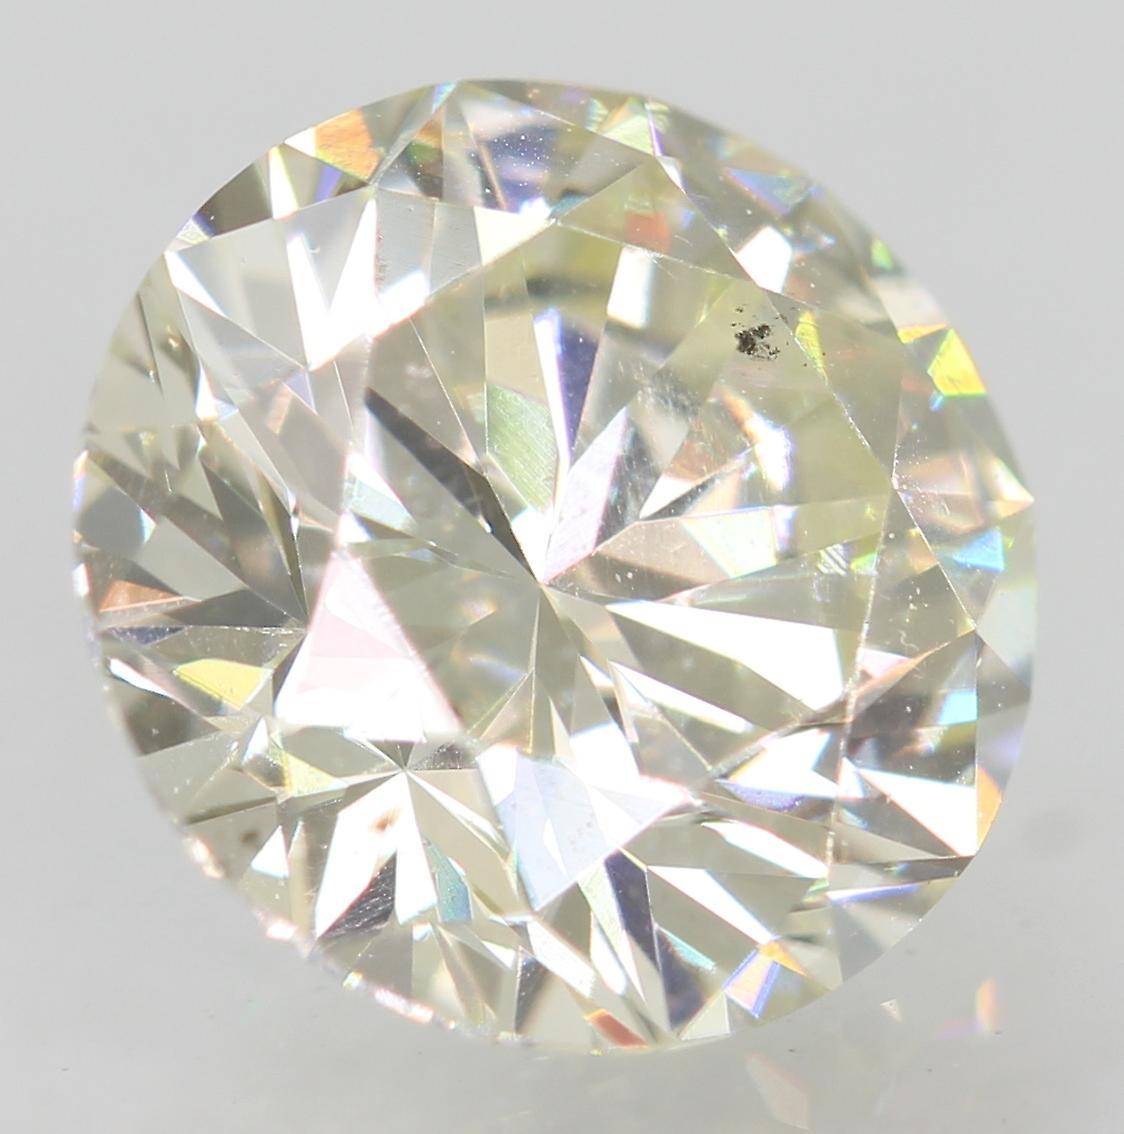 Certified 1.01 Carat I VS1 Round Brilliant Enhanced Natural Diamond 6.45m EX CUT